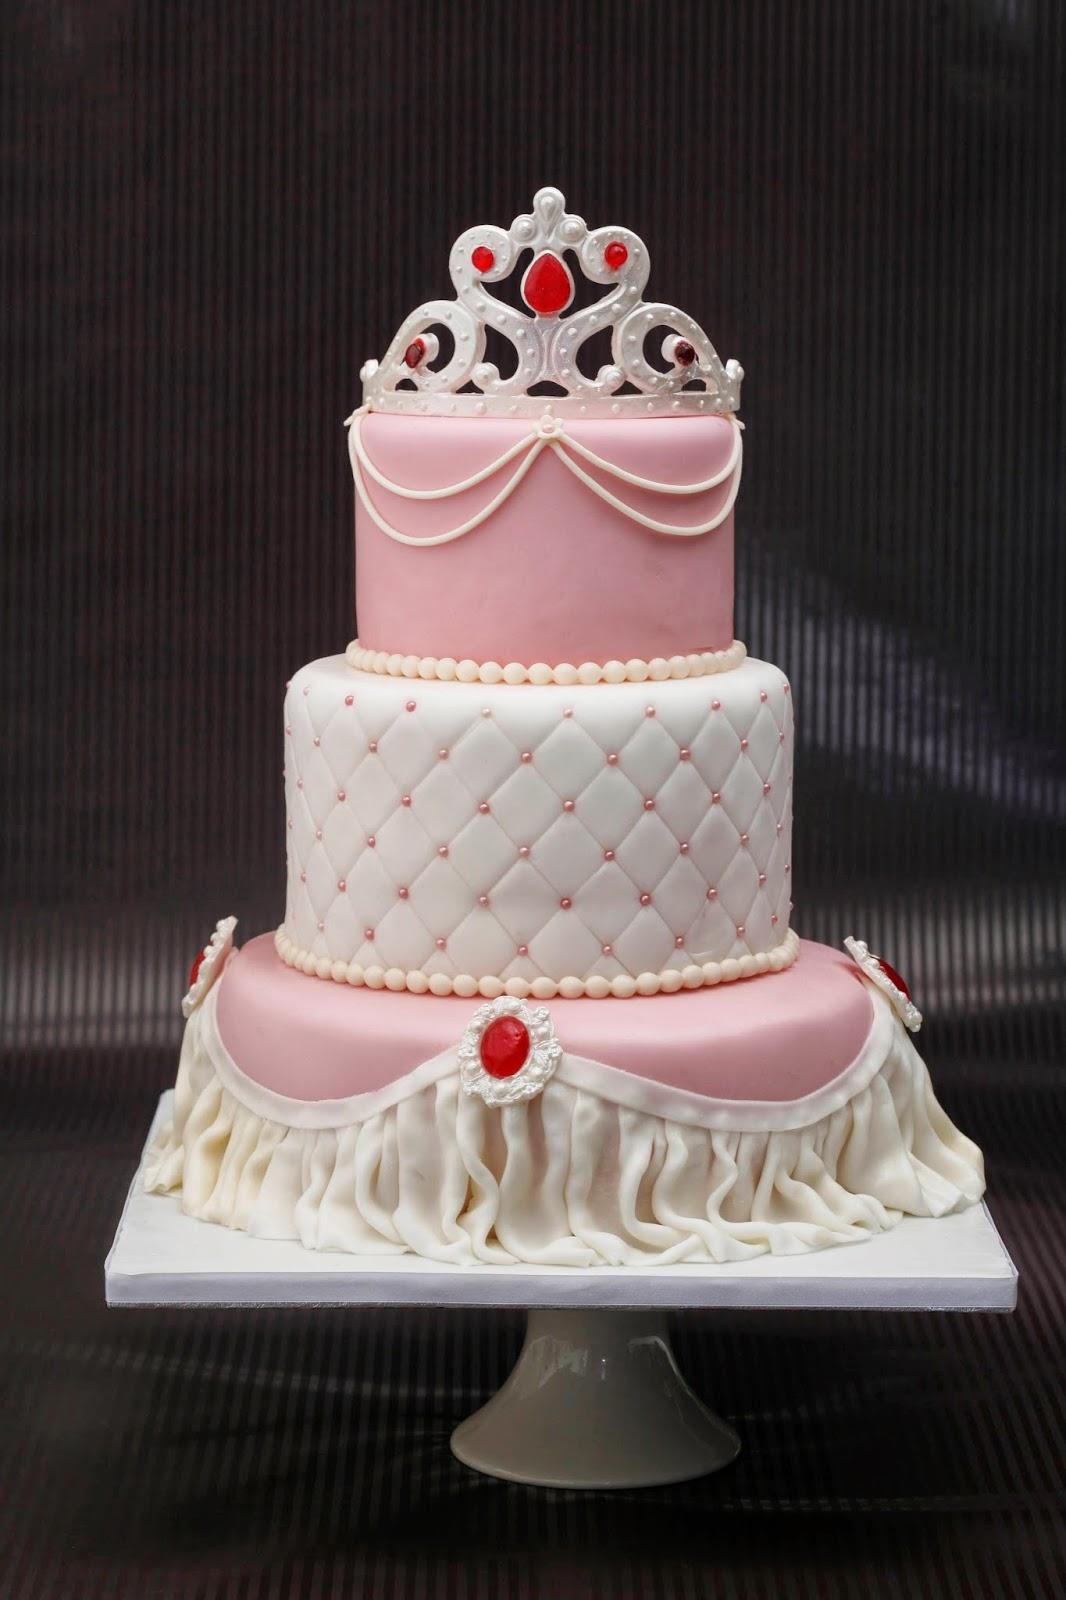 Cake Design Viale Liguria Milano : Spose Italiane - Come organizzare il proprio matrimonio in ...